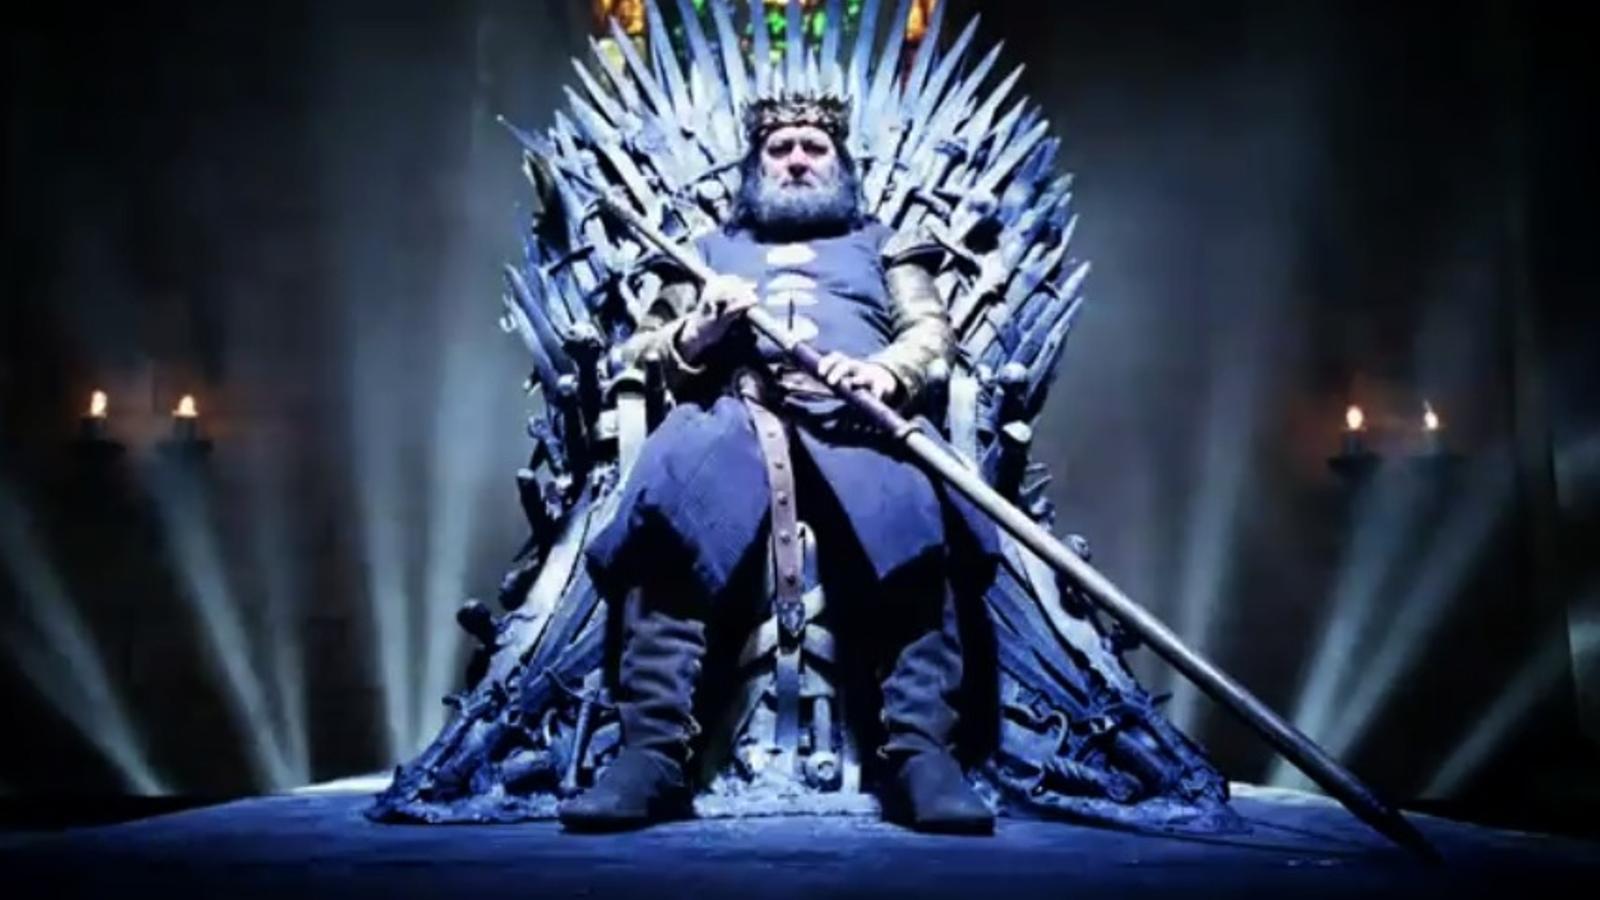 Tràiler de 'Game of thrones' (Joc de trons)